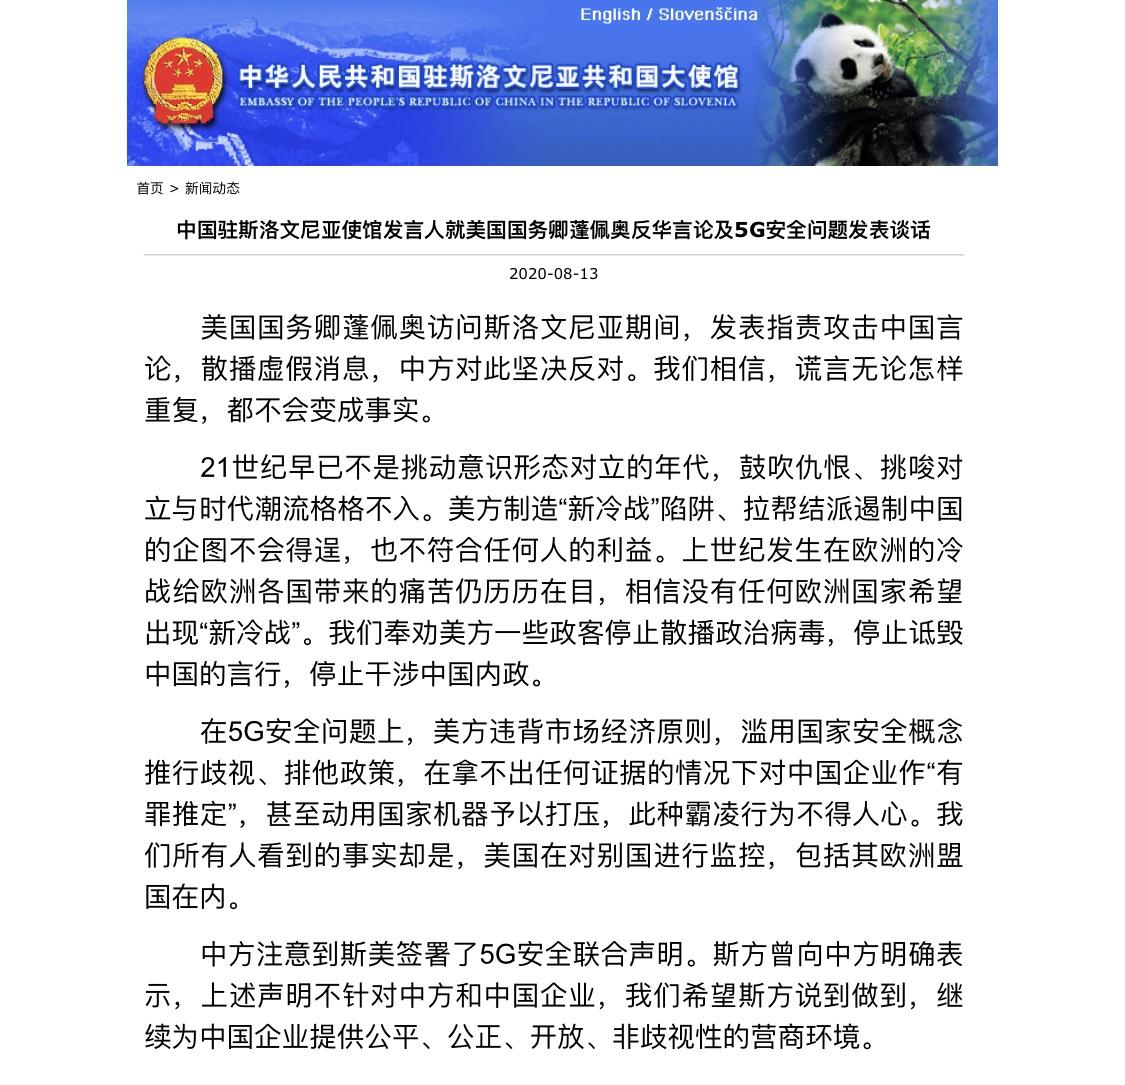 【程雪柔公交车网站优化培训】_蓬佩奥在斯洛文尼亚发表诋毁中国的言论,中使馆回应